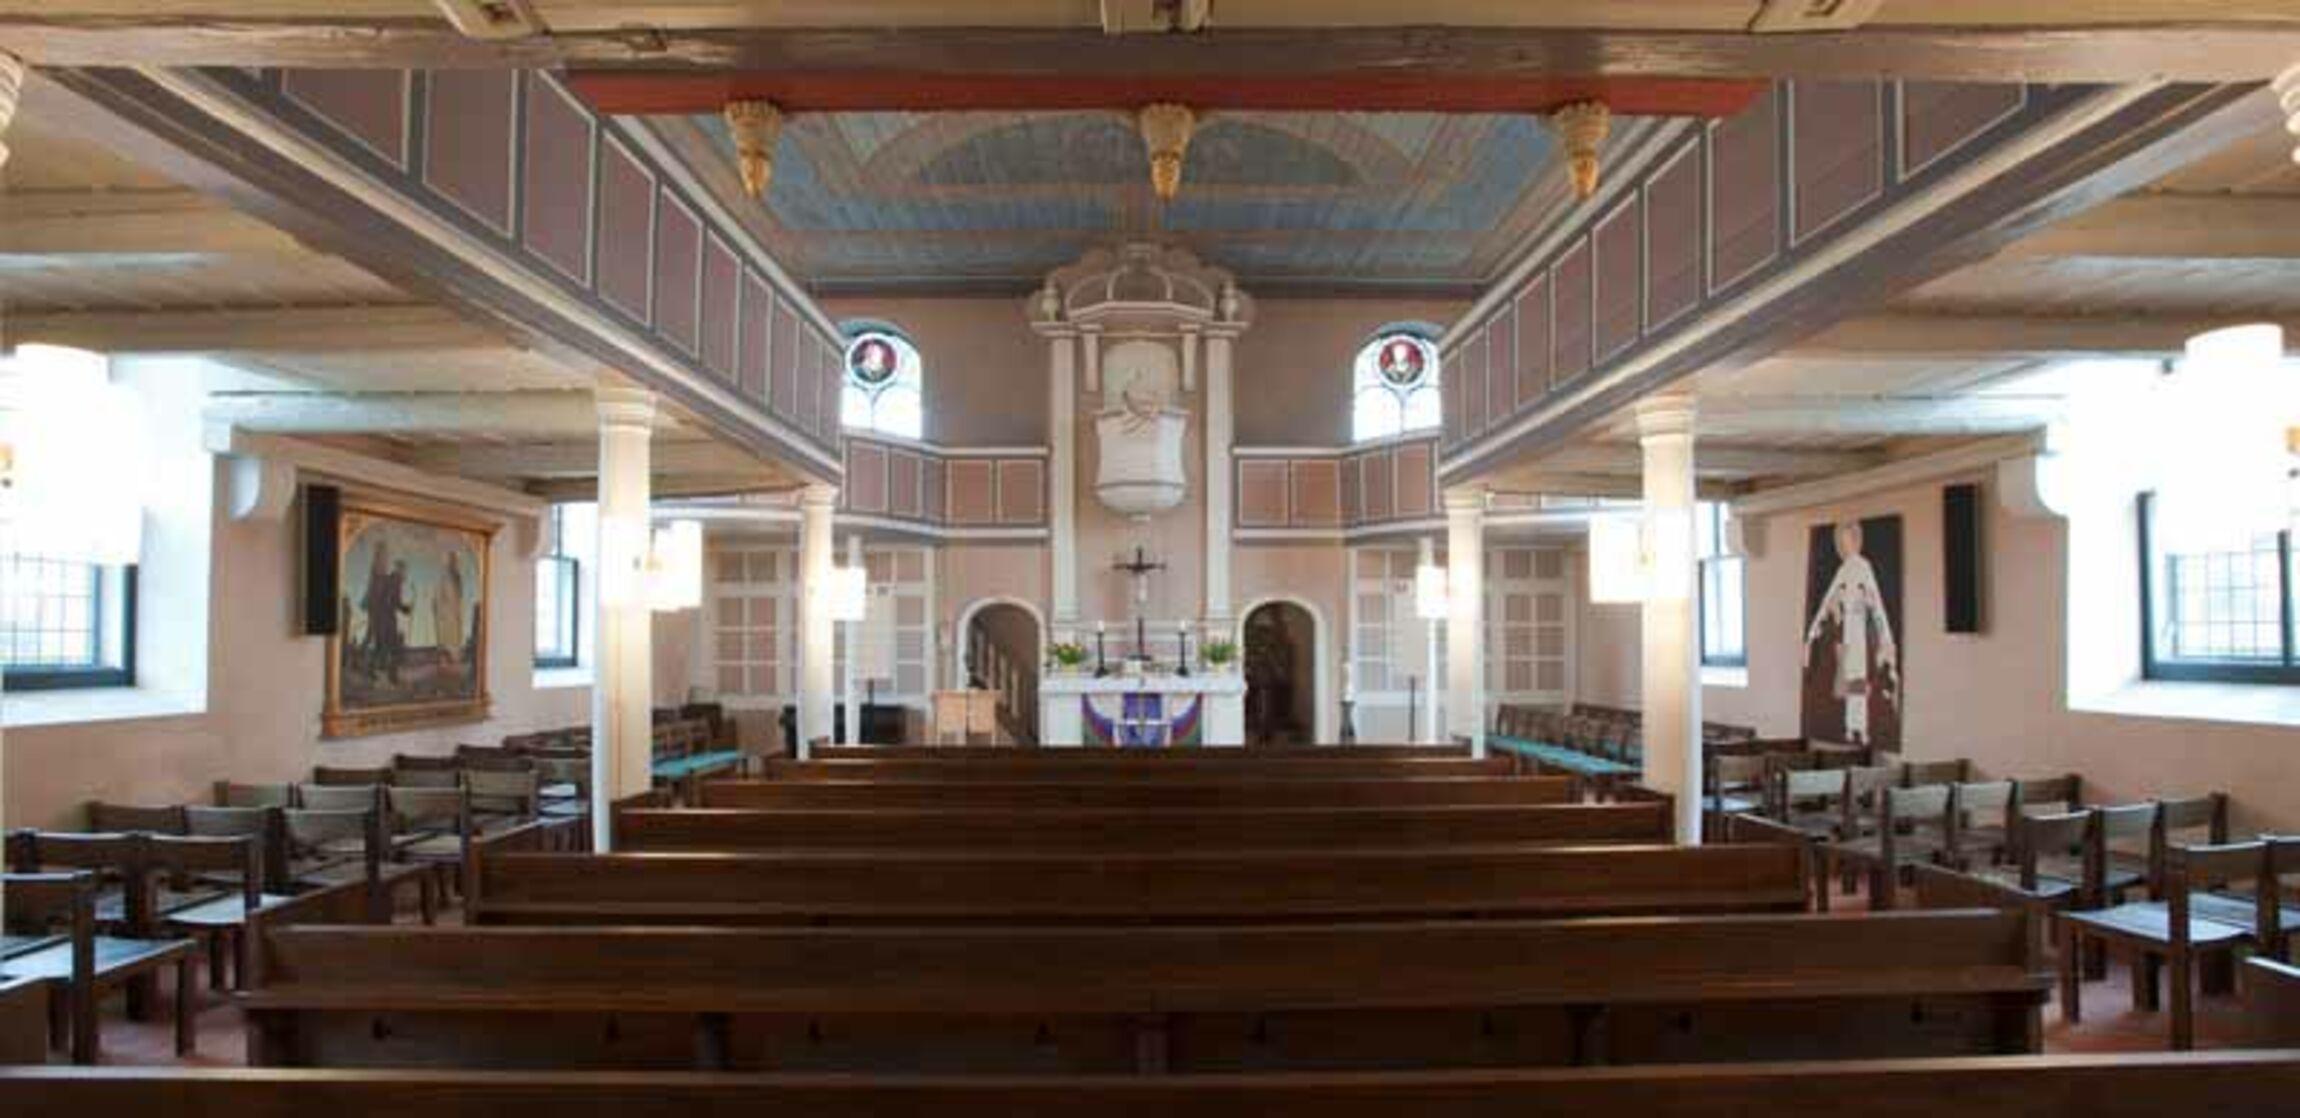 Blick in Kirche von Taufkapelle